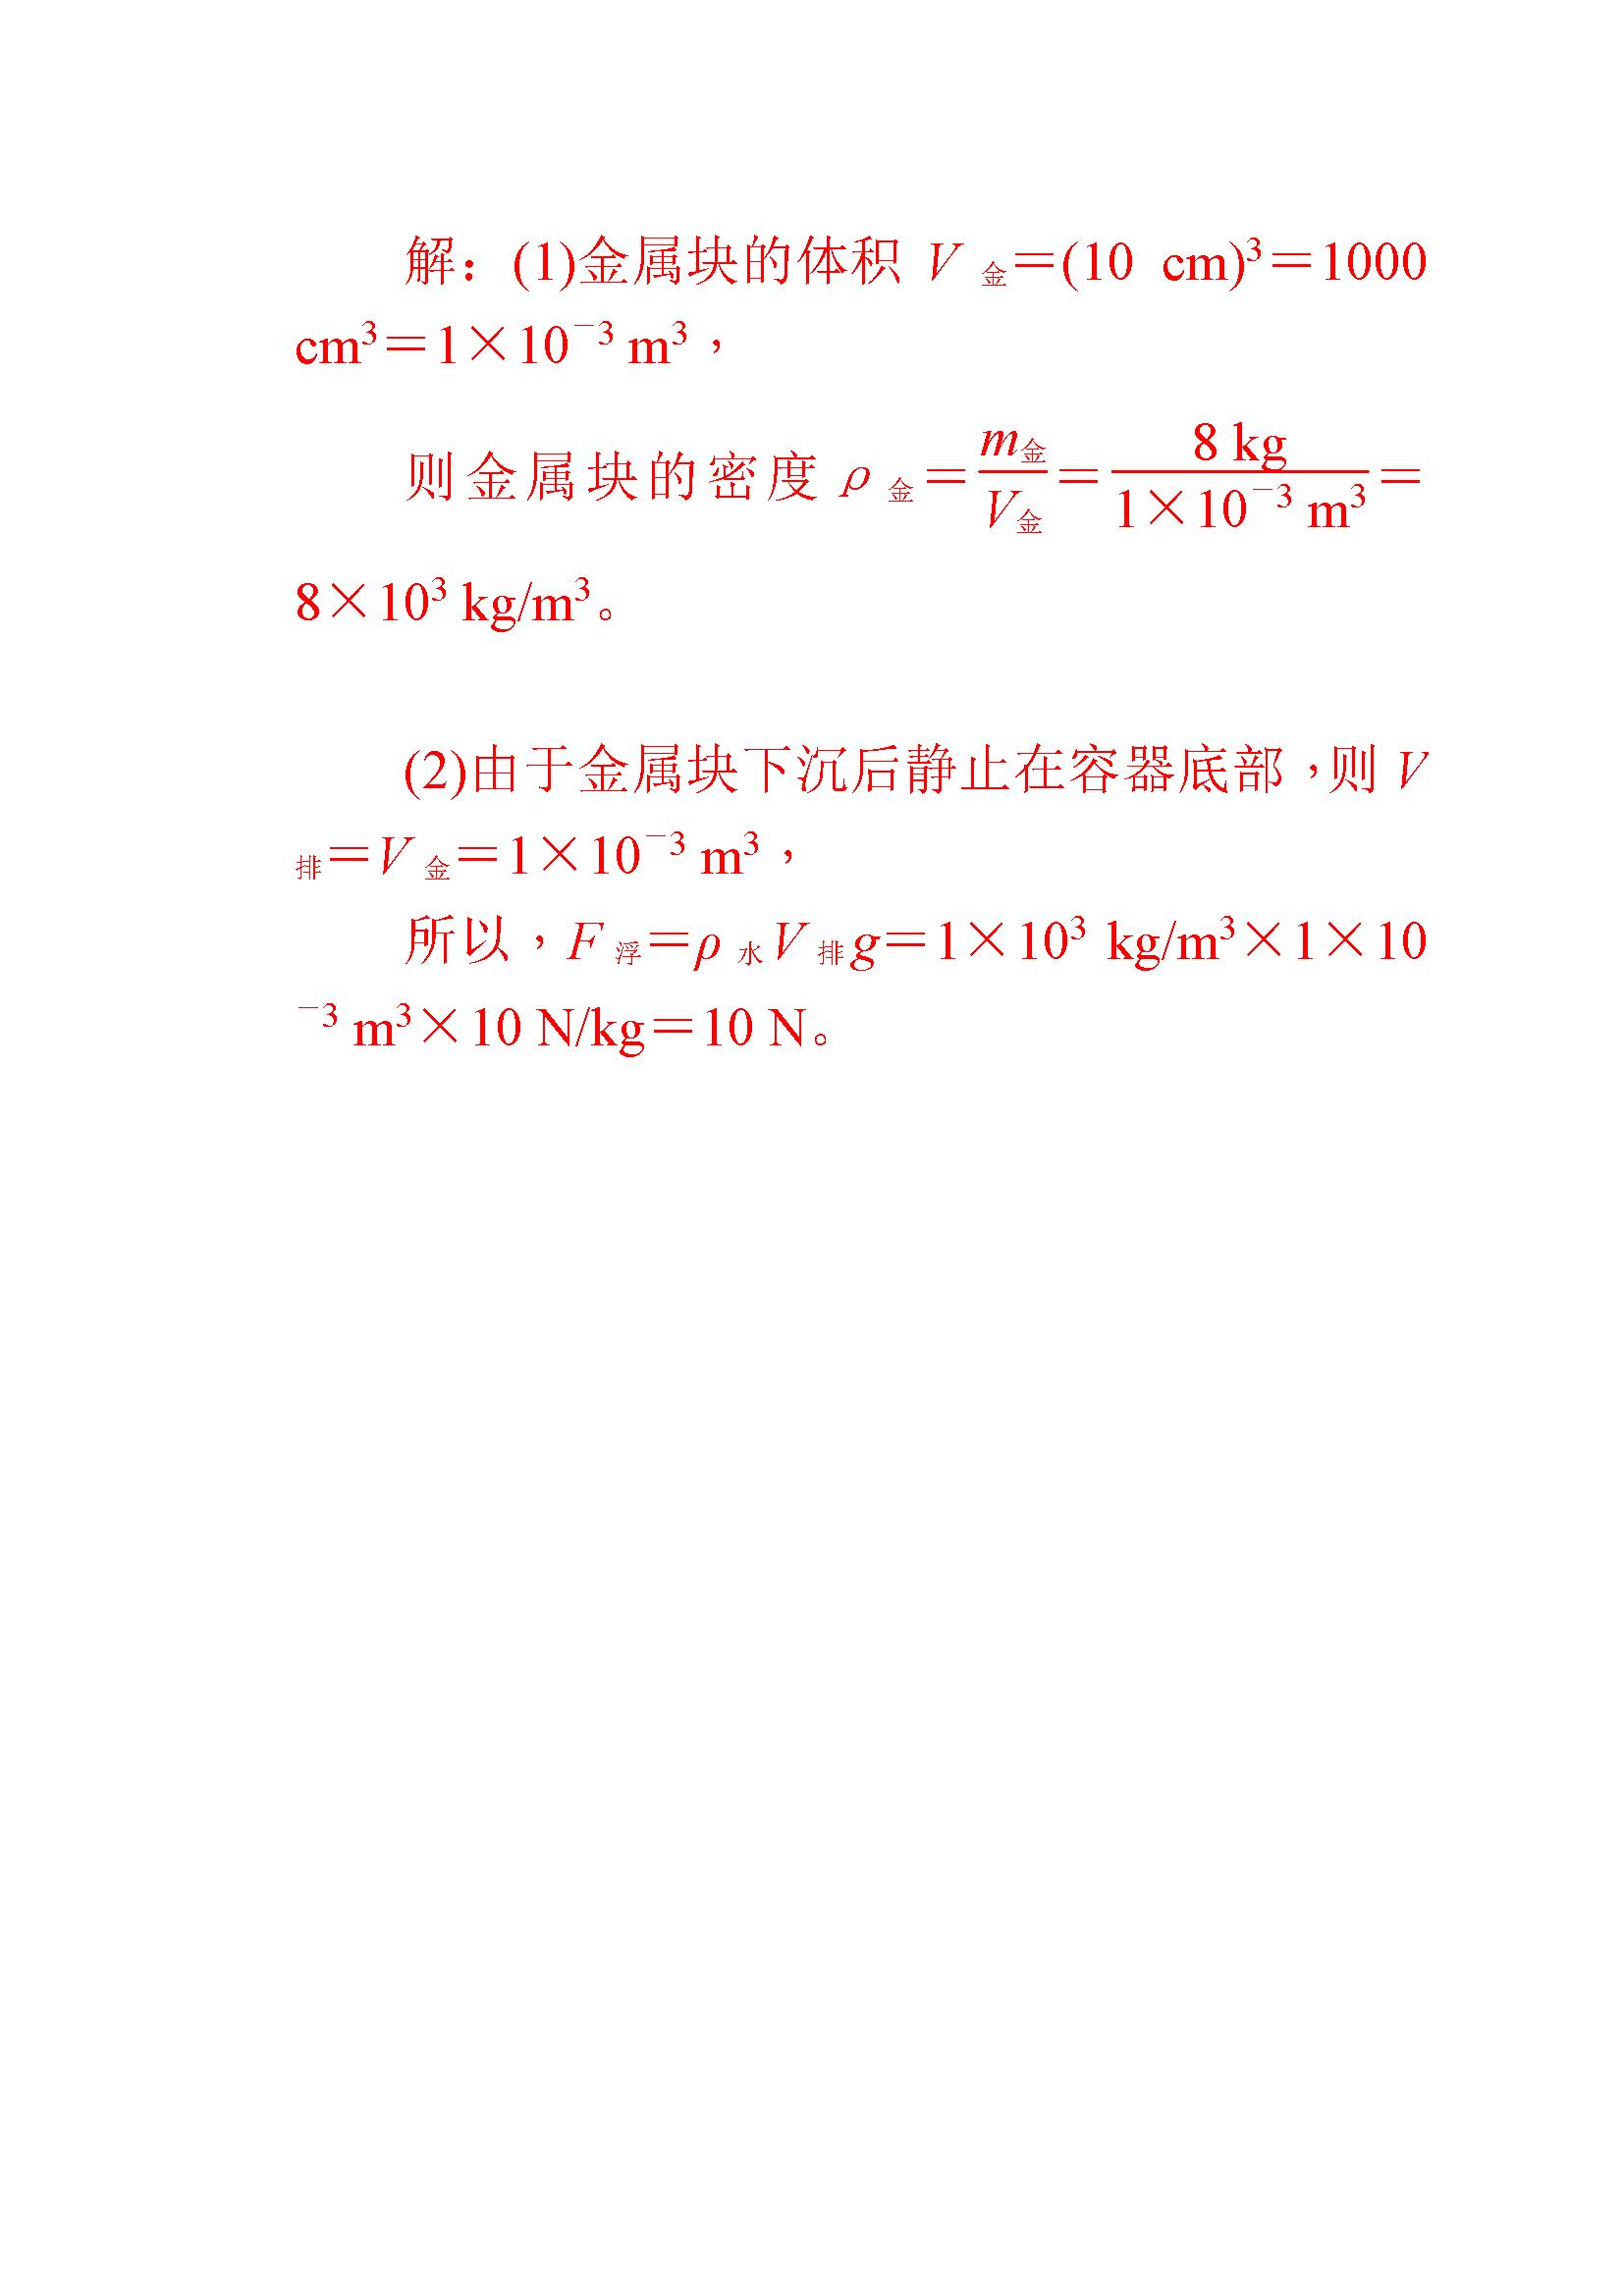 2018中考物理力学综合计算压轴题练习(十)答案(图片版)